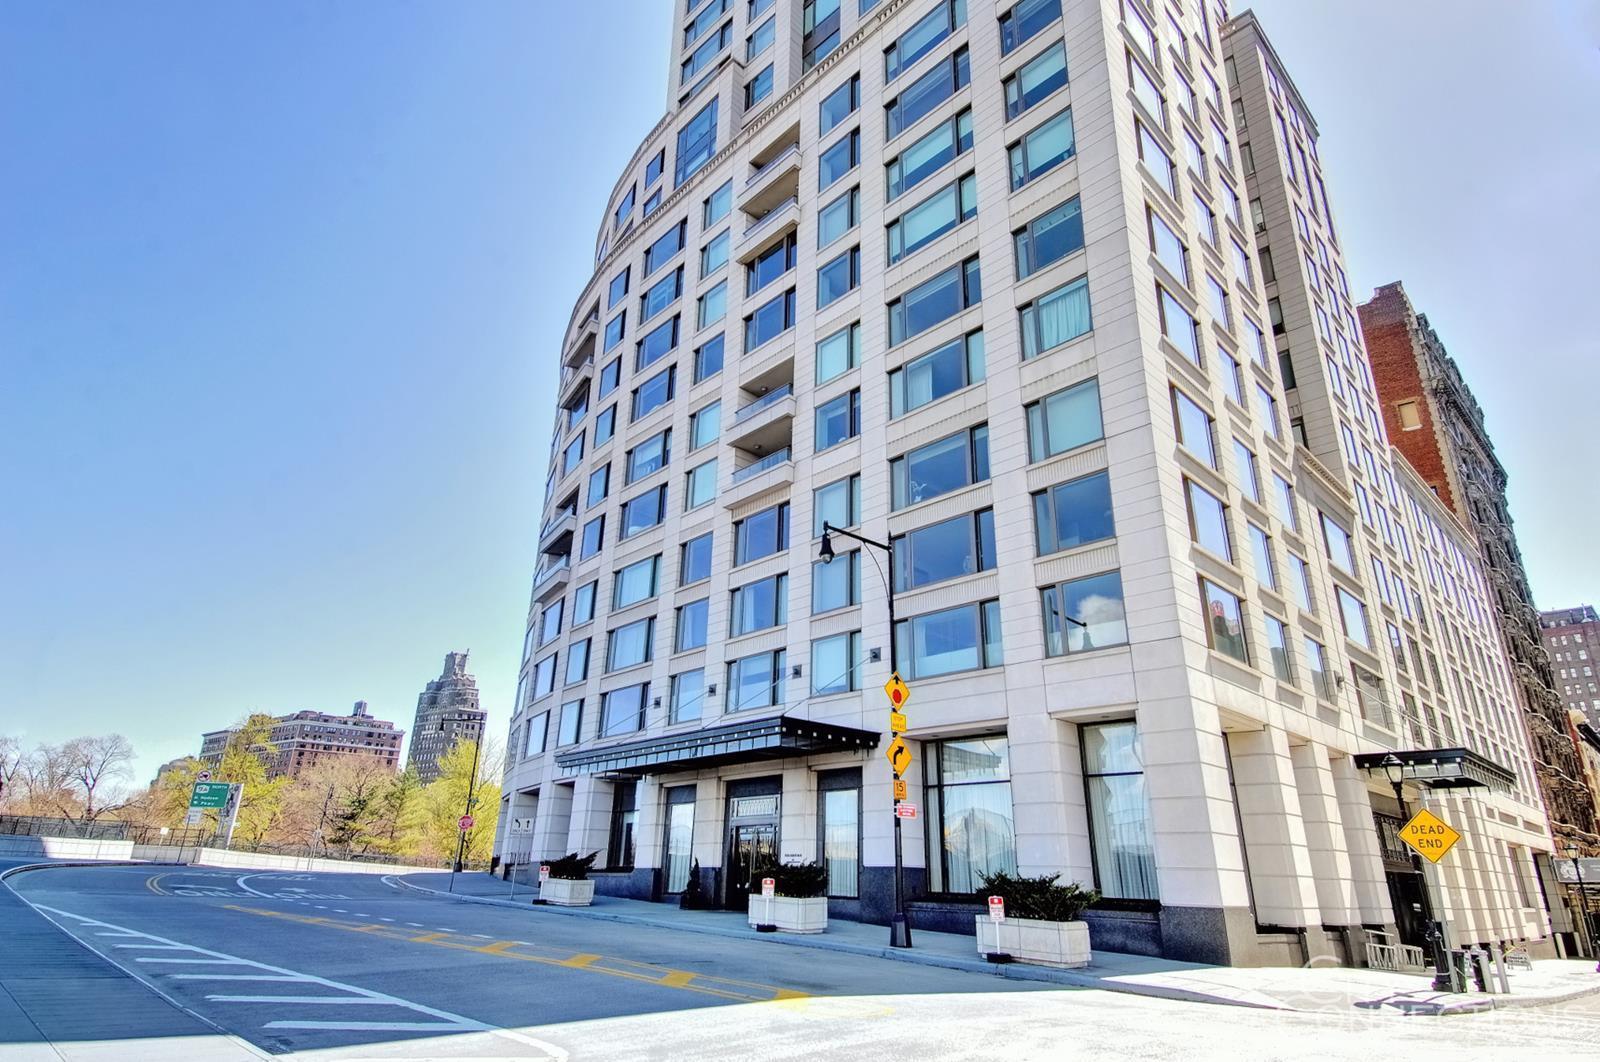 240 Riverside Blvd. Lincoln Square New York NY 10069